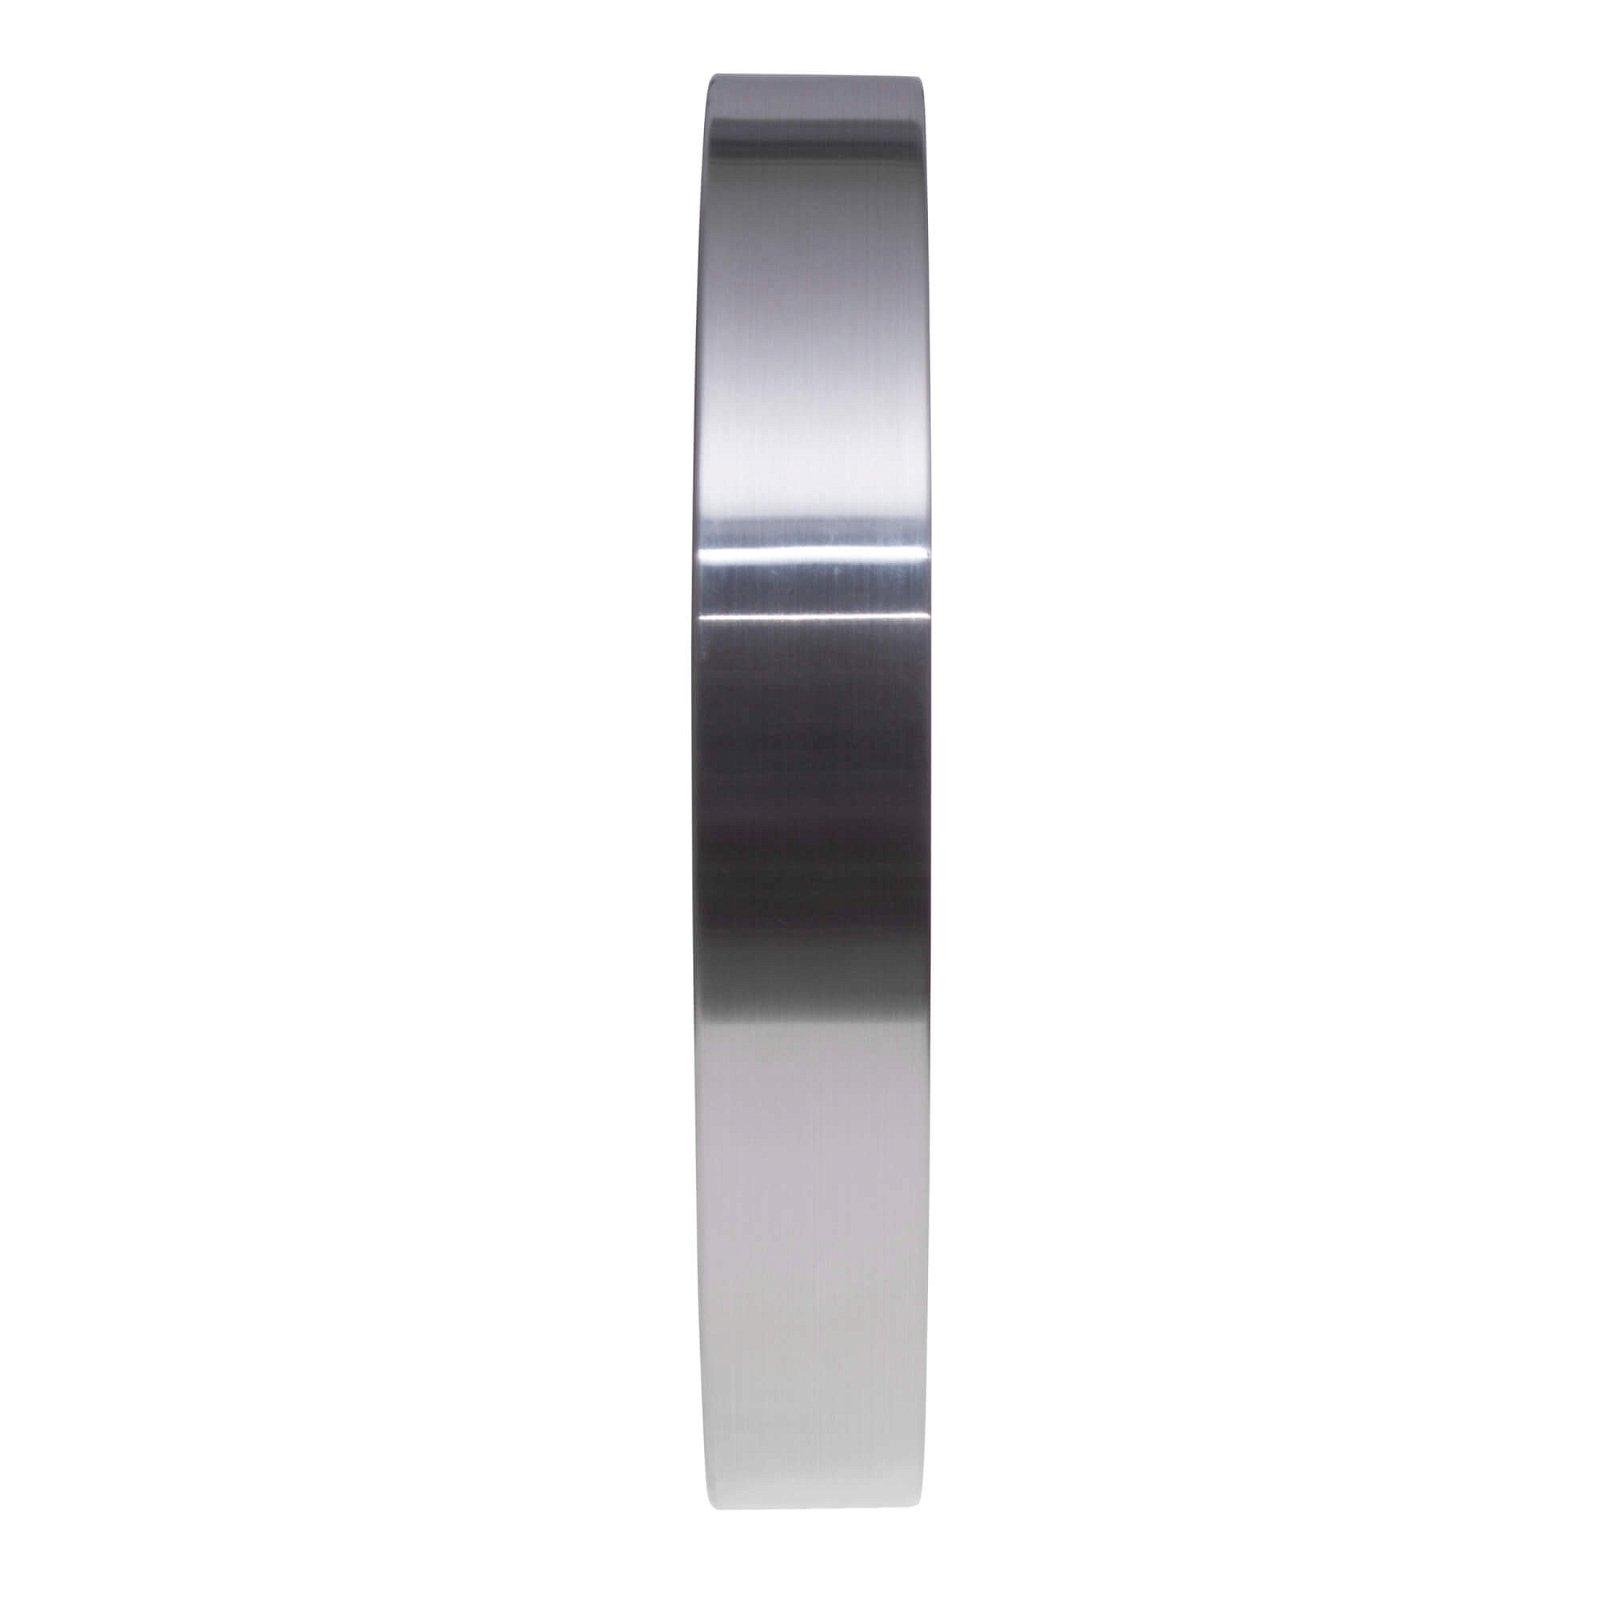 Wanduhr MAULmove 30RC, aluminium